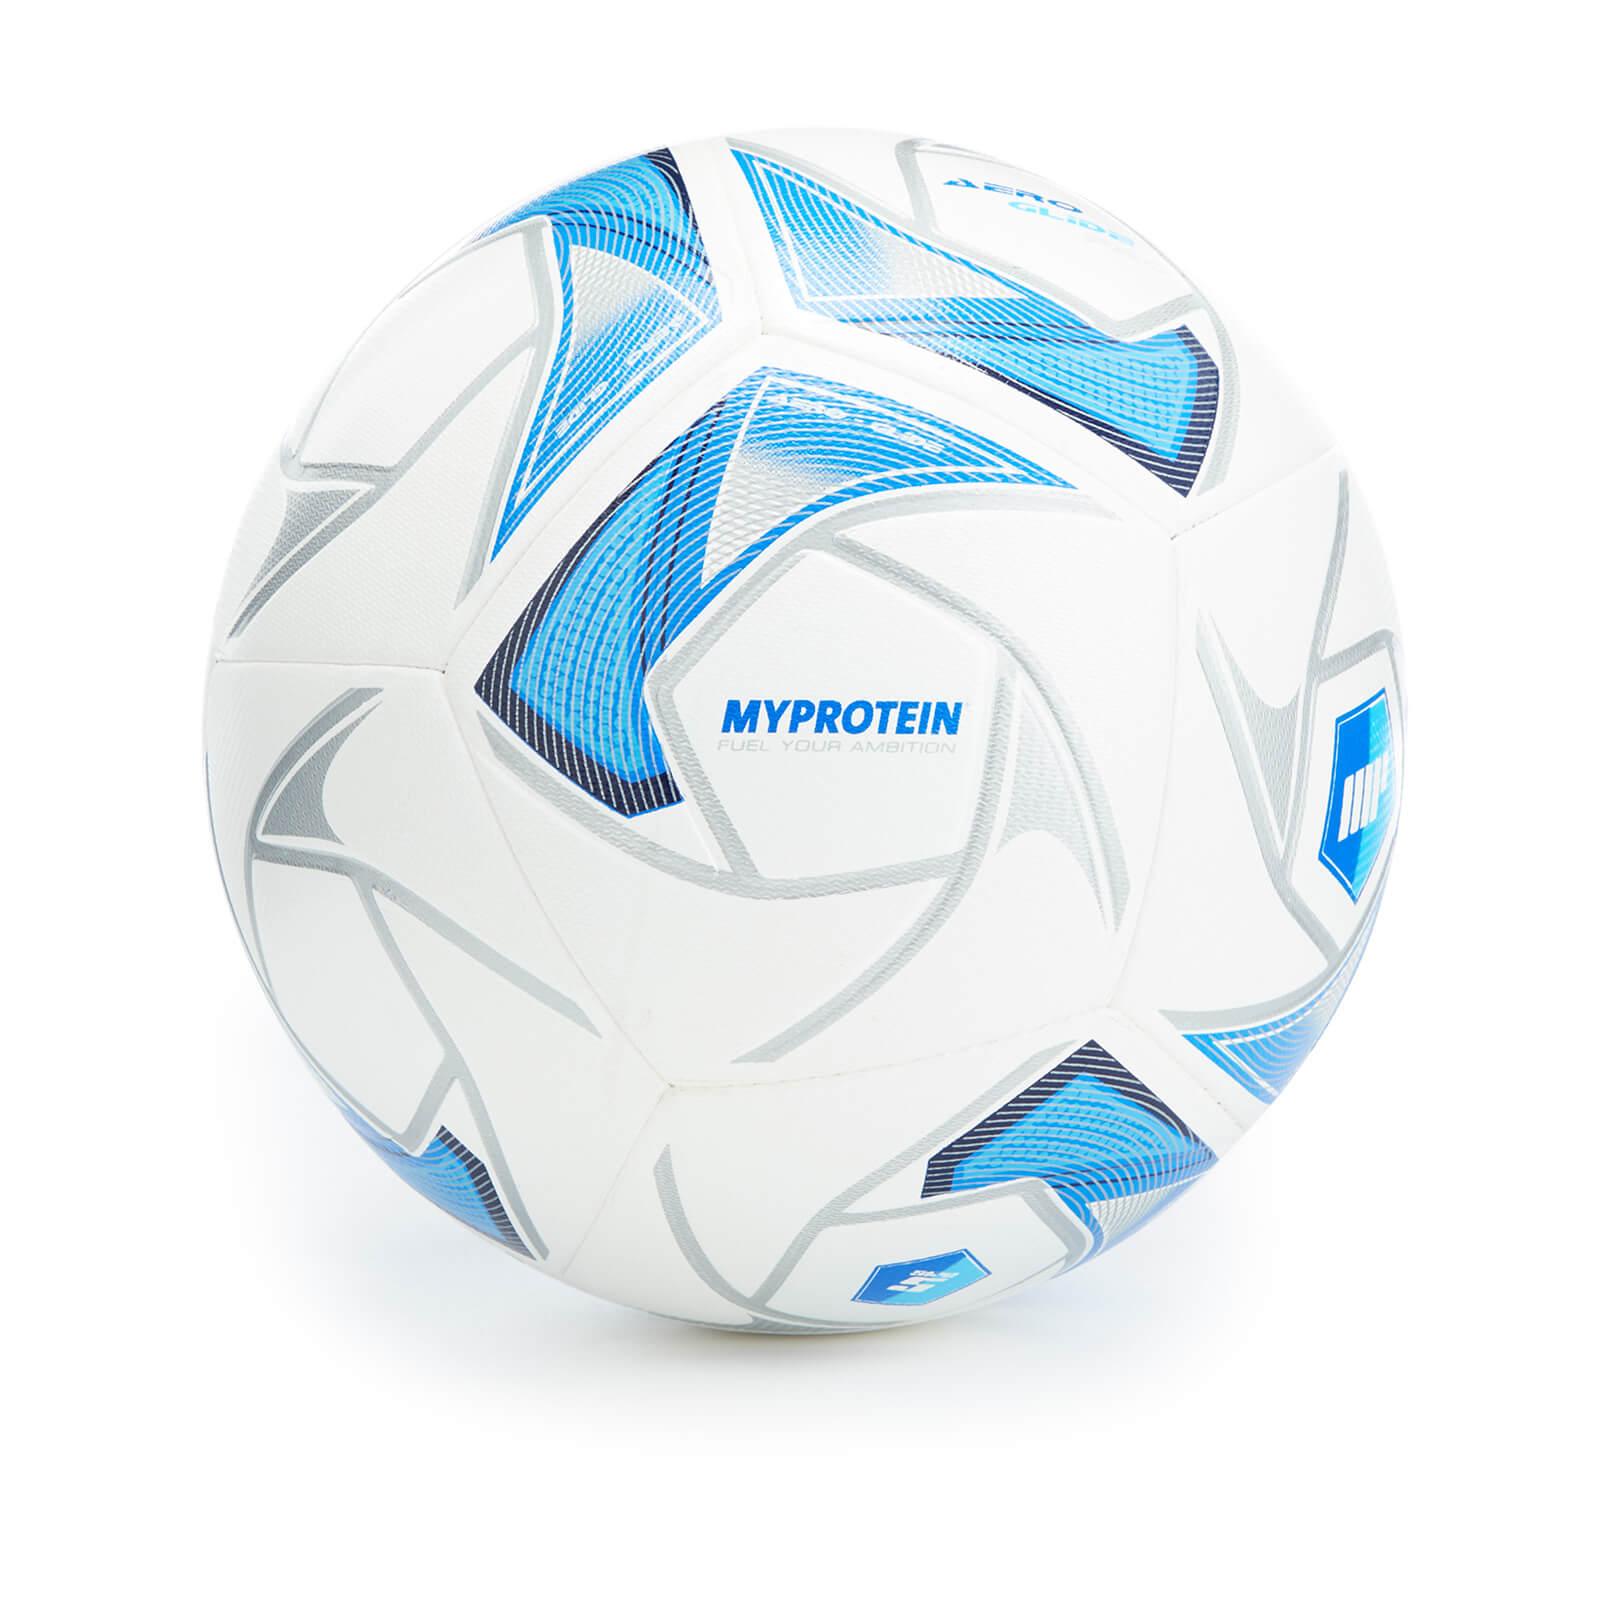 Myprotein Kvalitetsfotboll